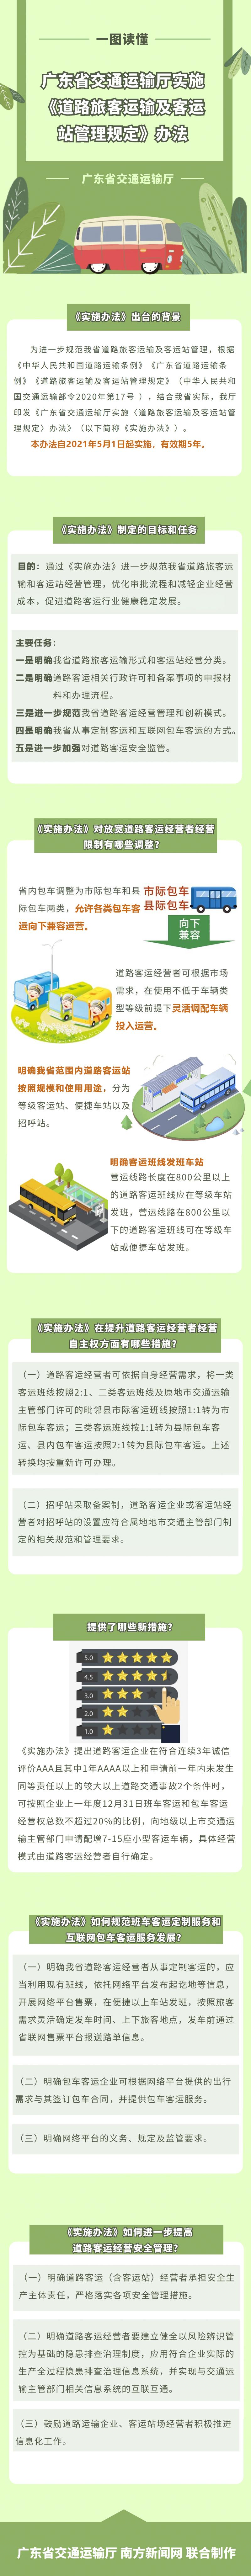 一图读懂广东省交通运输厅实施《道路旅客运输及客运站管理规定》办法.jpg